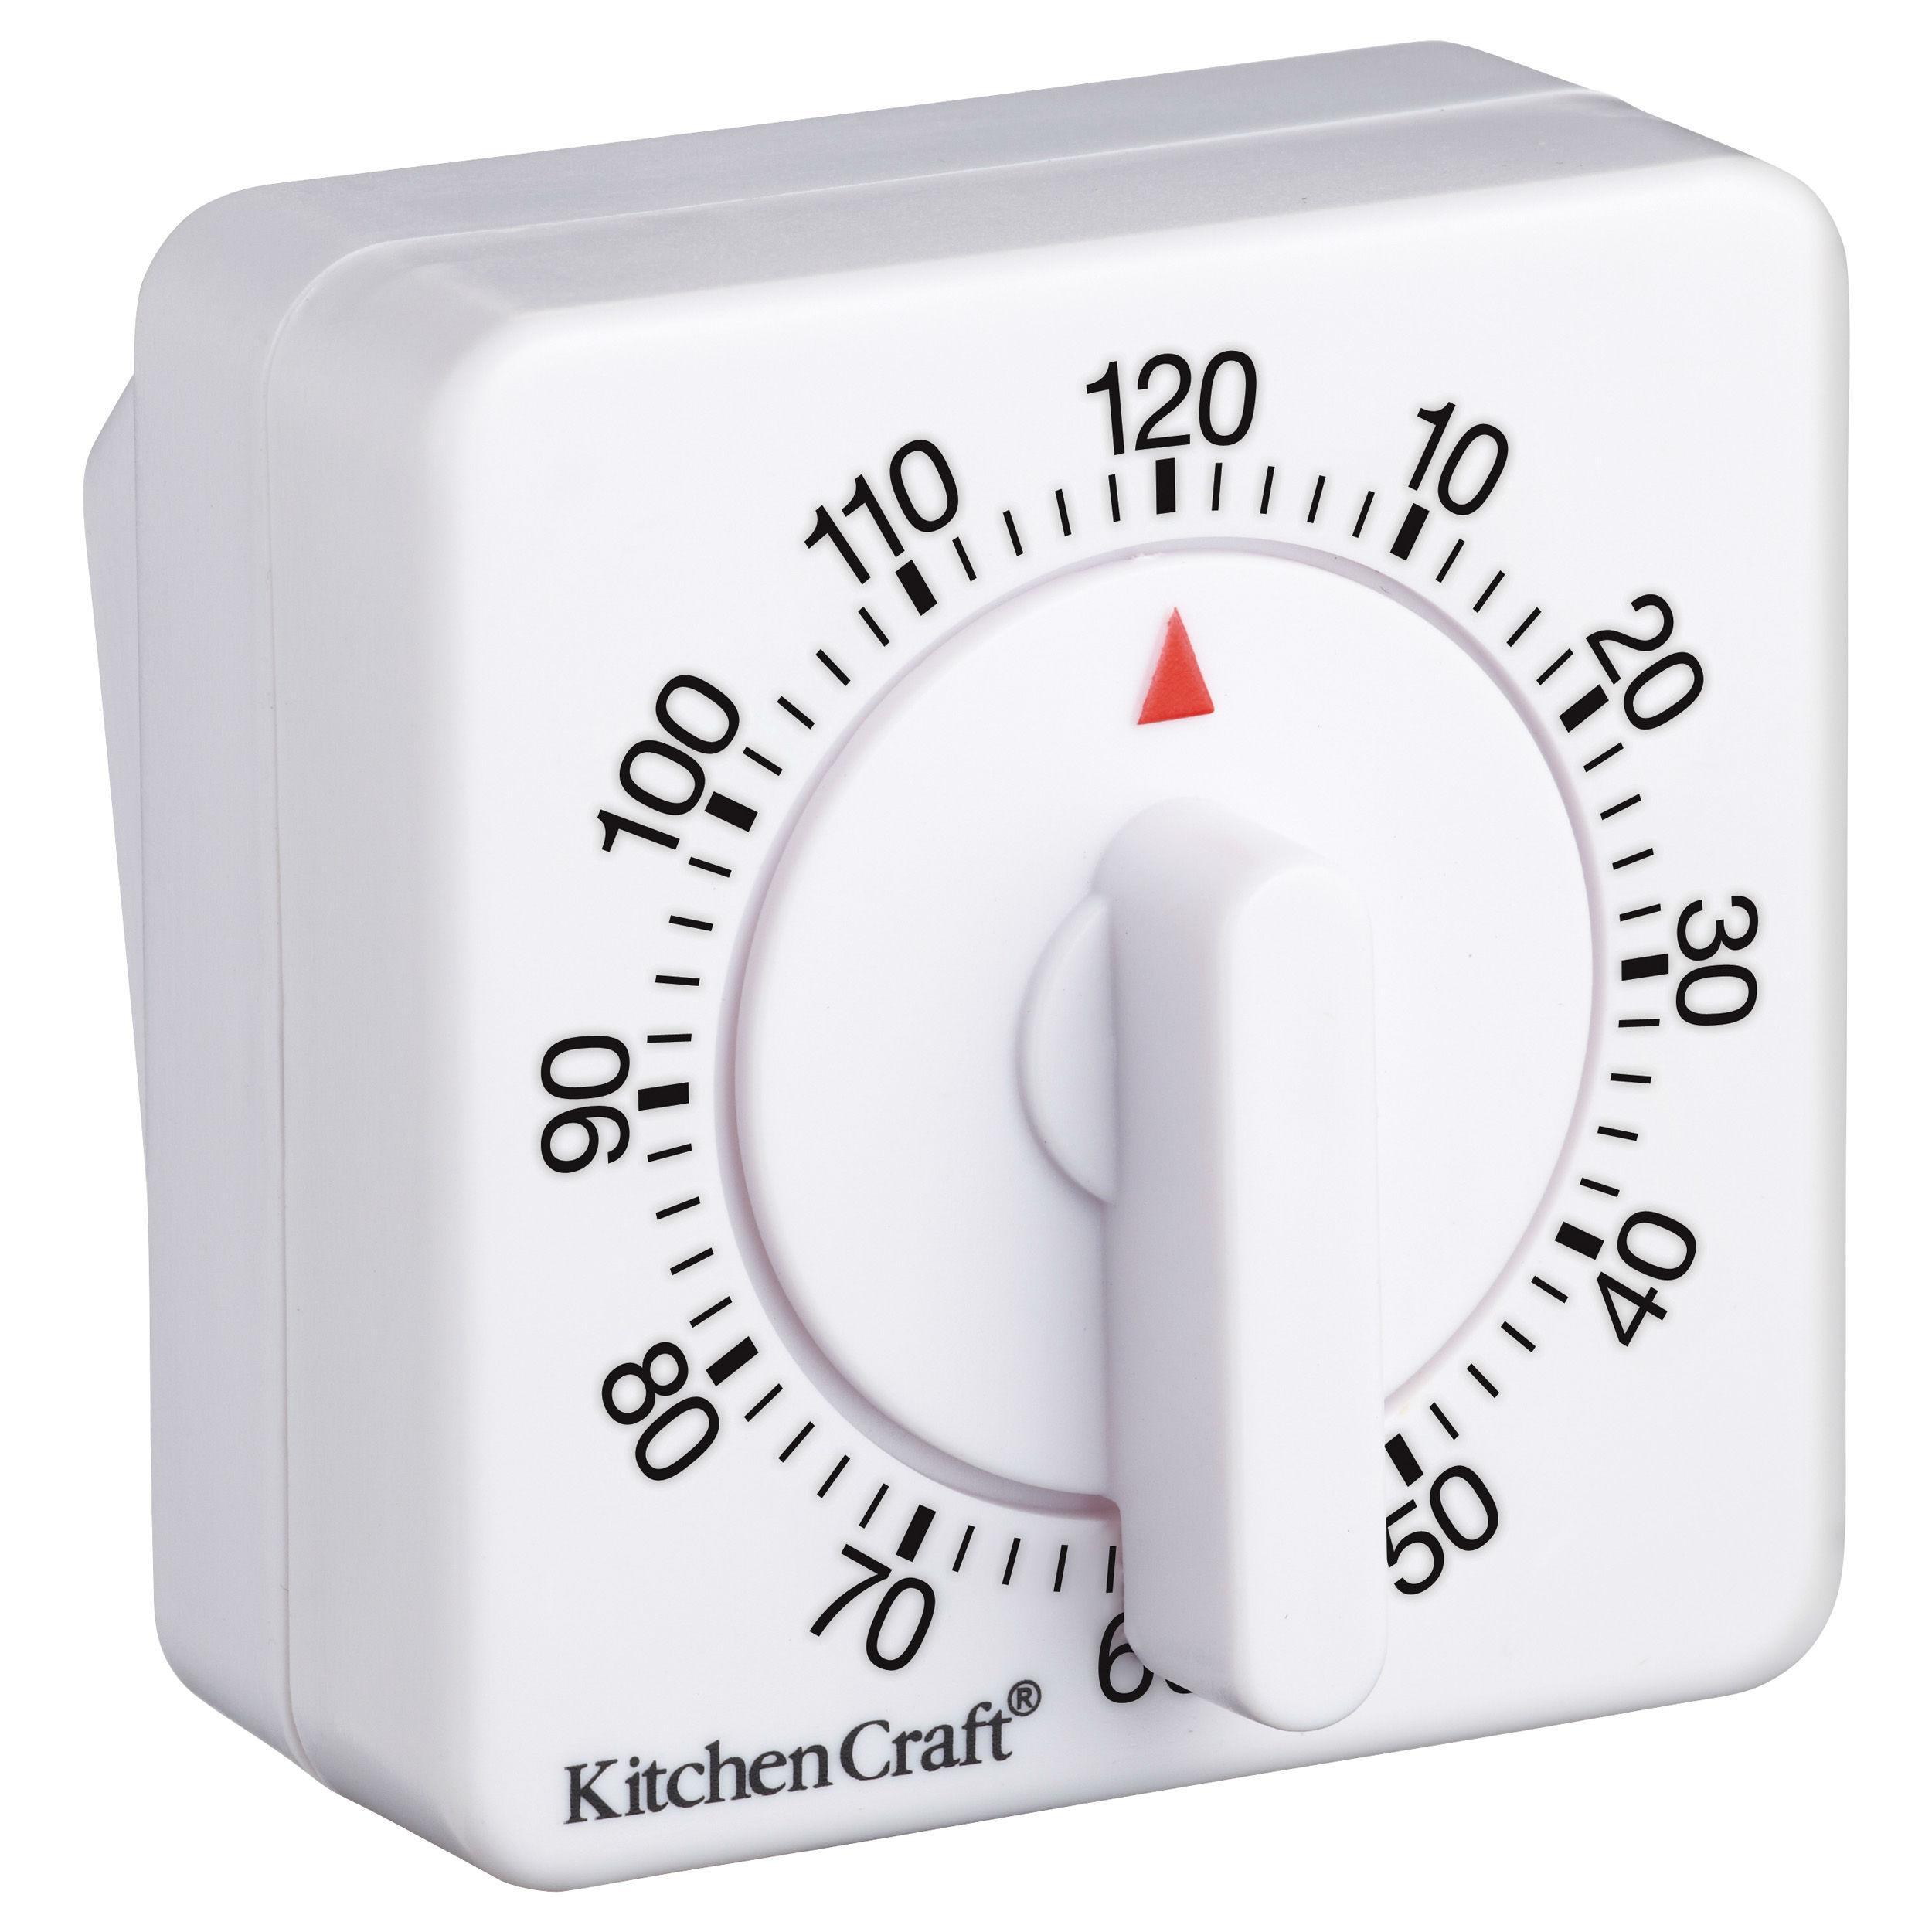 Kitchencraft Wind Up Mechanical 1 Hour Kitchen Timer